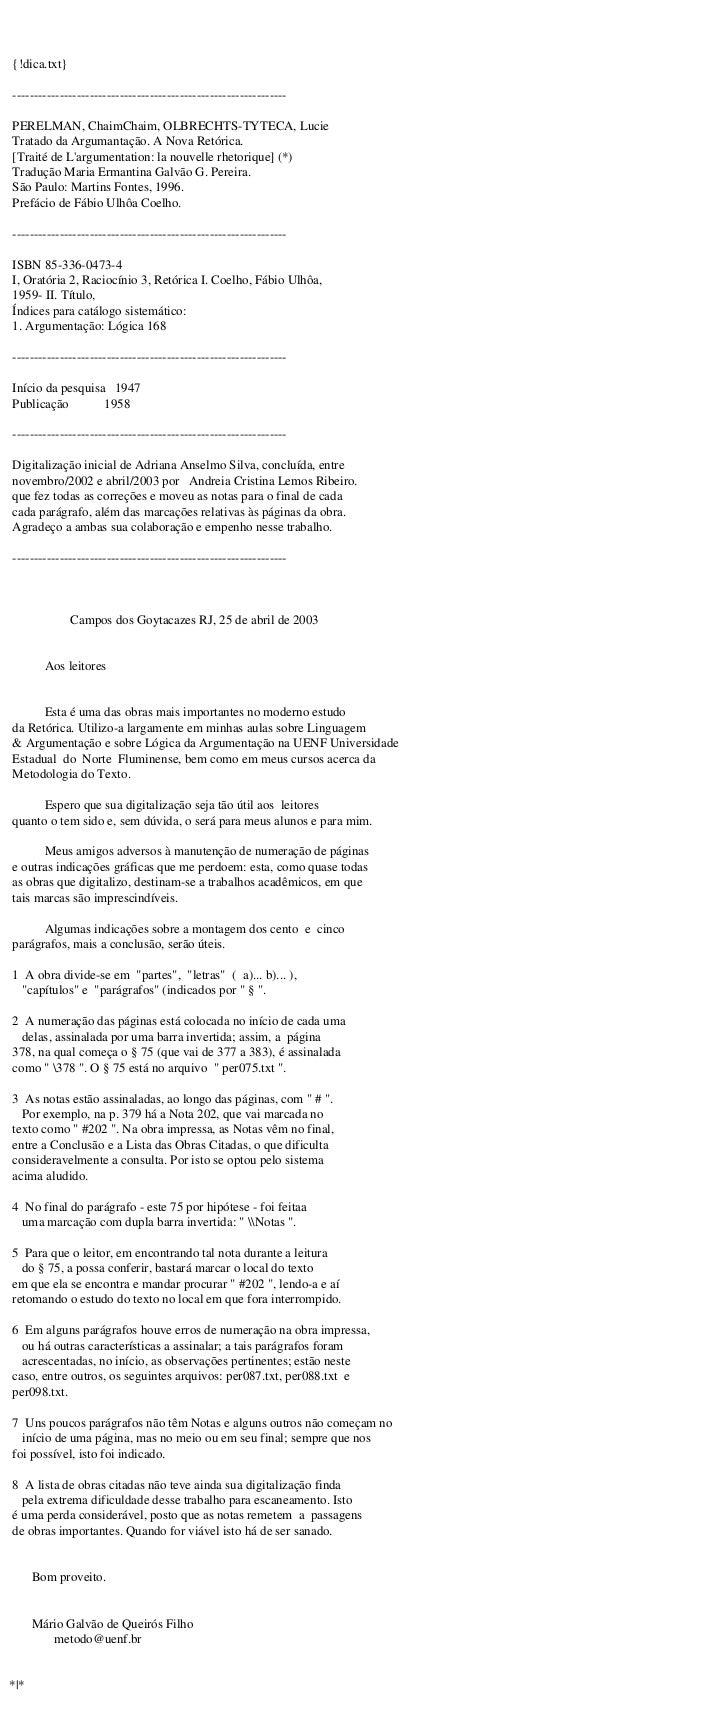 334234 cham-perelman-tratado-de-argumentacao-a-nova-retorica